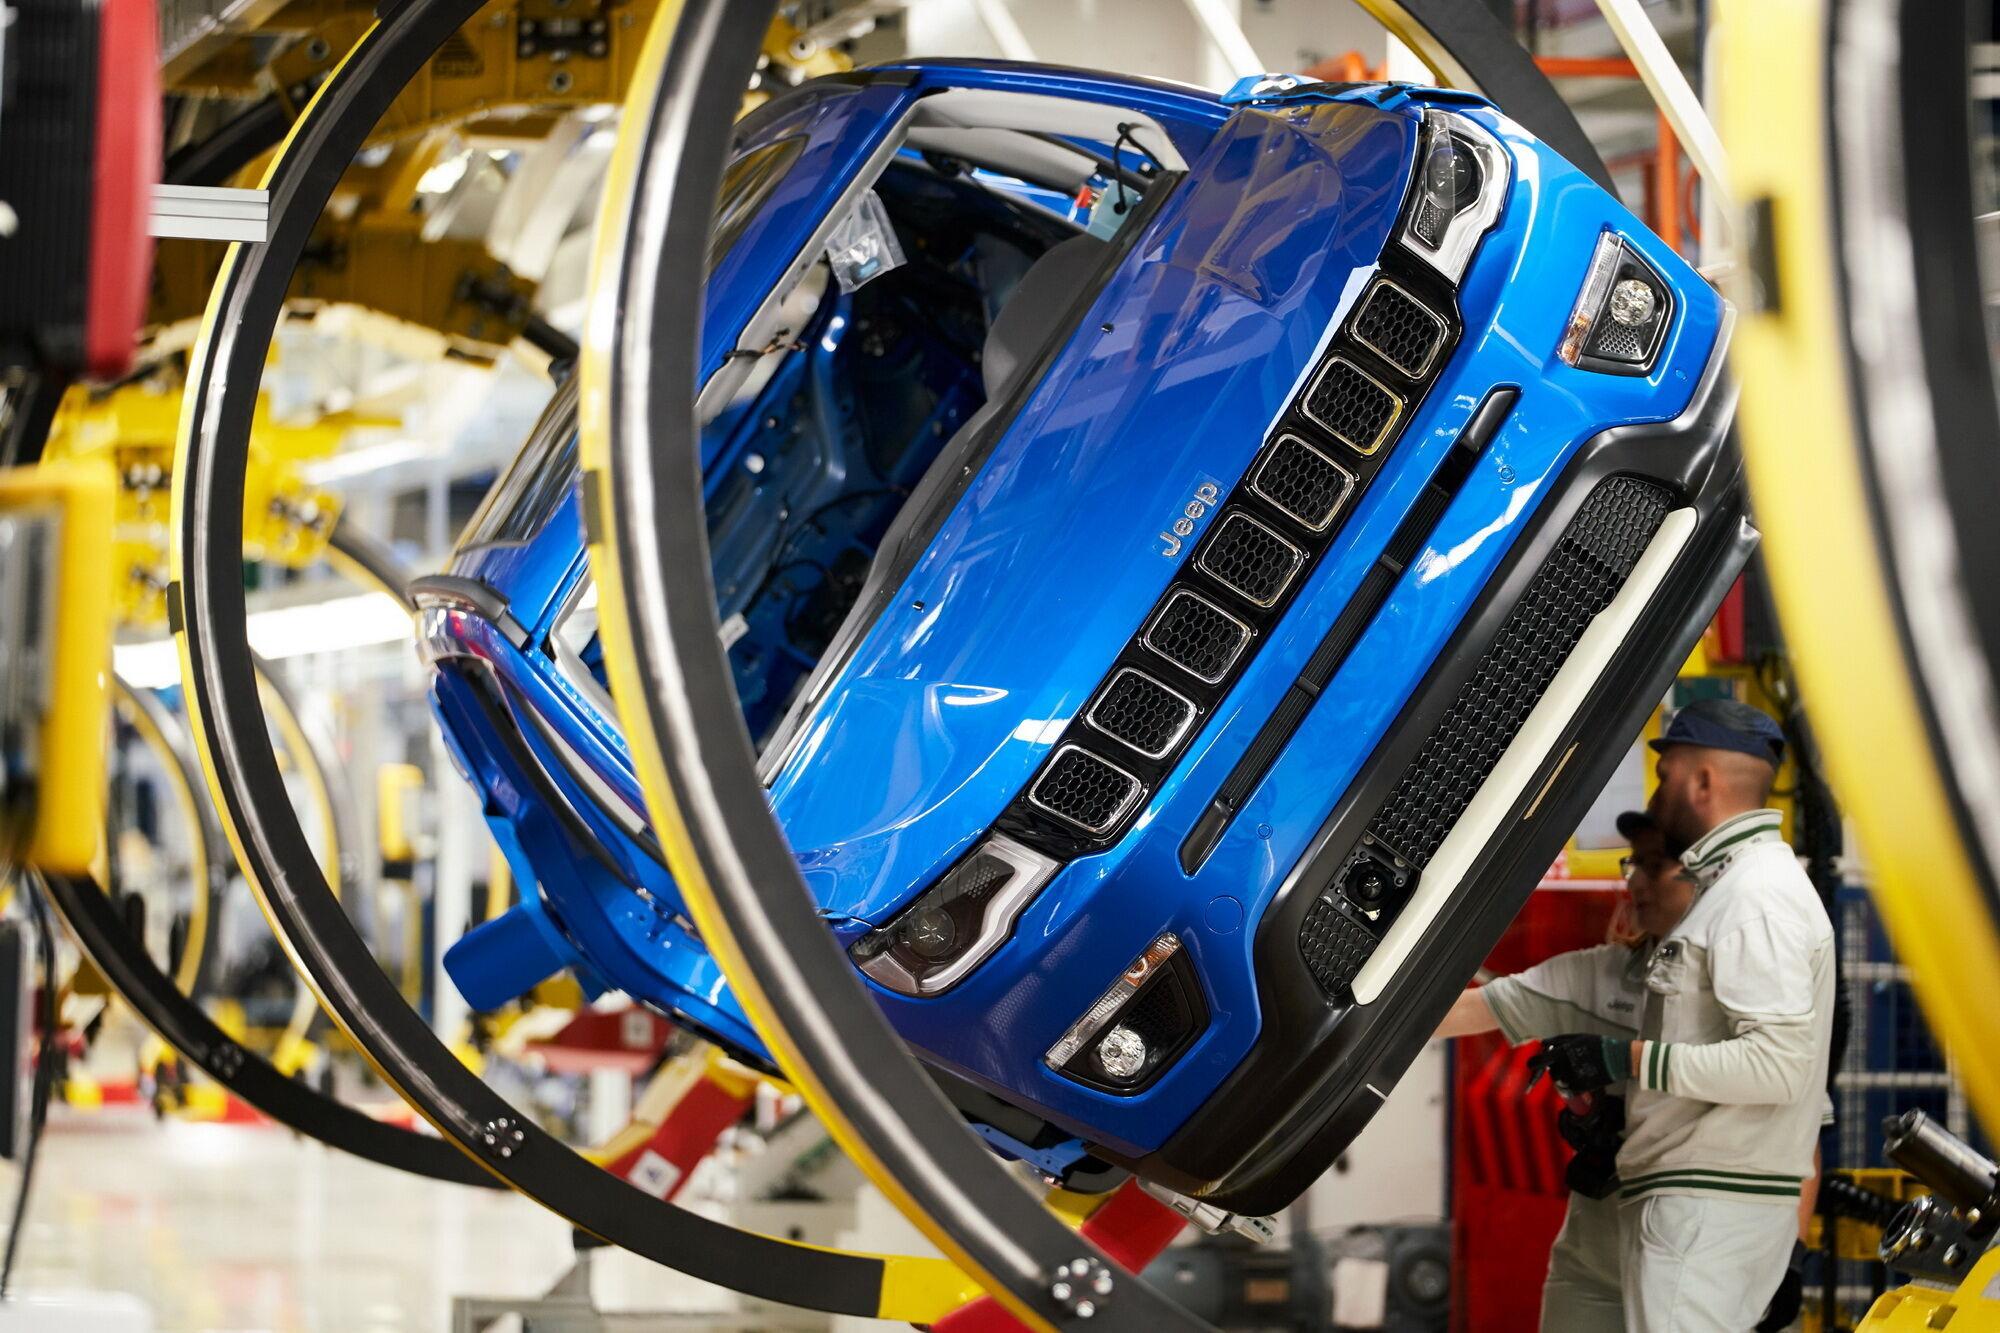 10 заводов в 6 странах мира позволили бренду Jeep значительно увеличить продажи за 10 лет